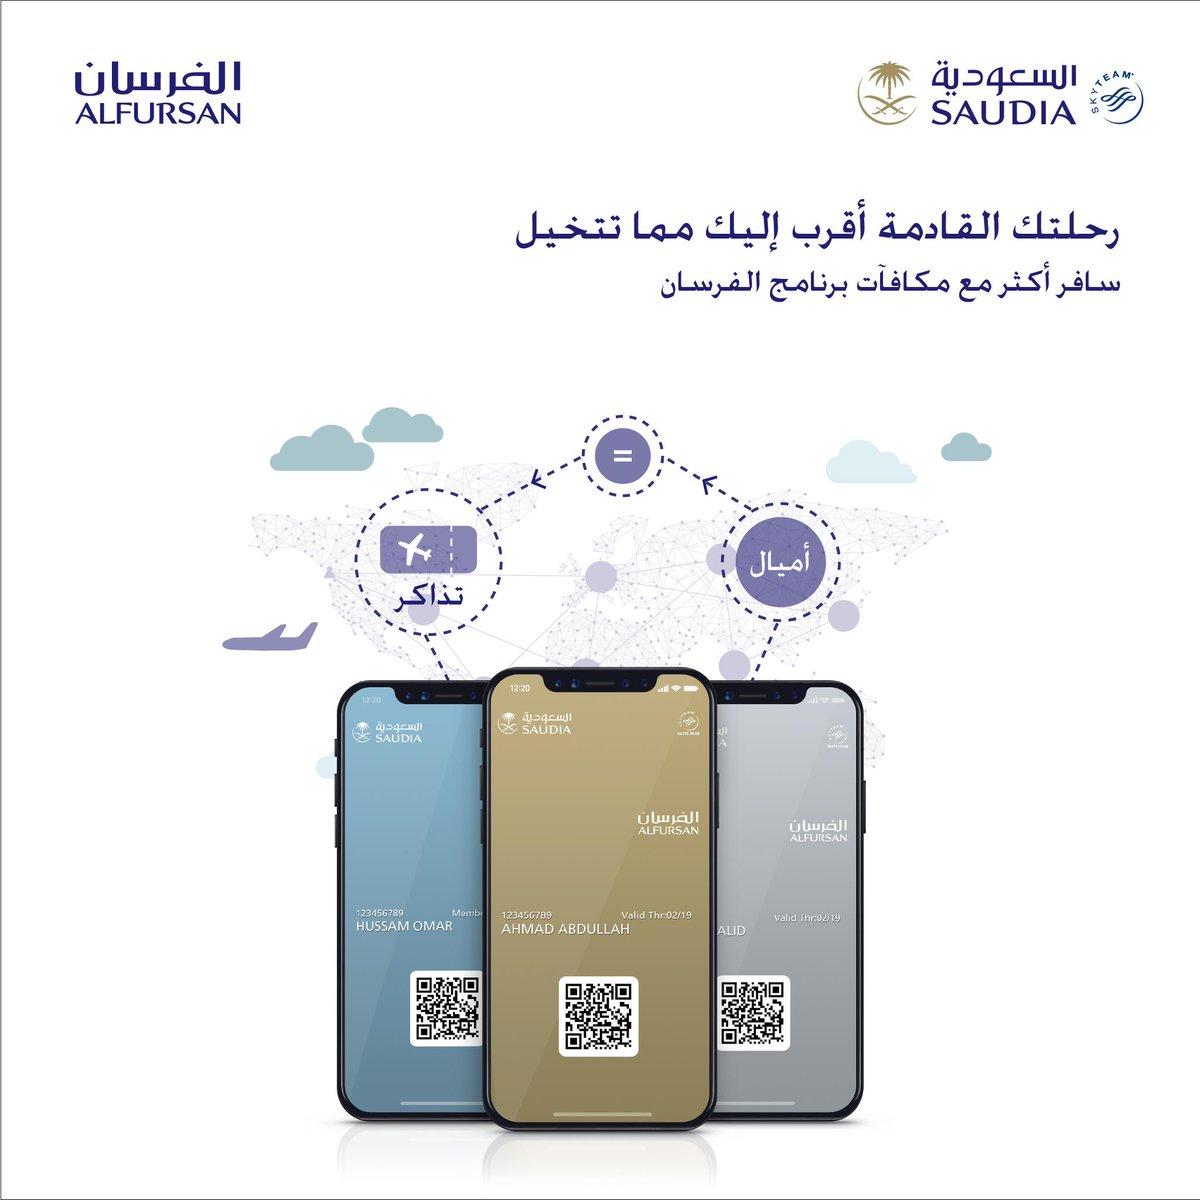 السعودية Saudia V Twitter يمكنك الآن شراء أميال المكافآت للاستفادة من أميالك في إصدار تذاكر المكافآت أو ترقية درجة السفر عبر موقع الفرسان Https T Co Ootcjsva5u أو عبر التواصل مع مركز العناية بأعضاء